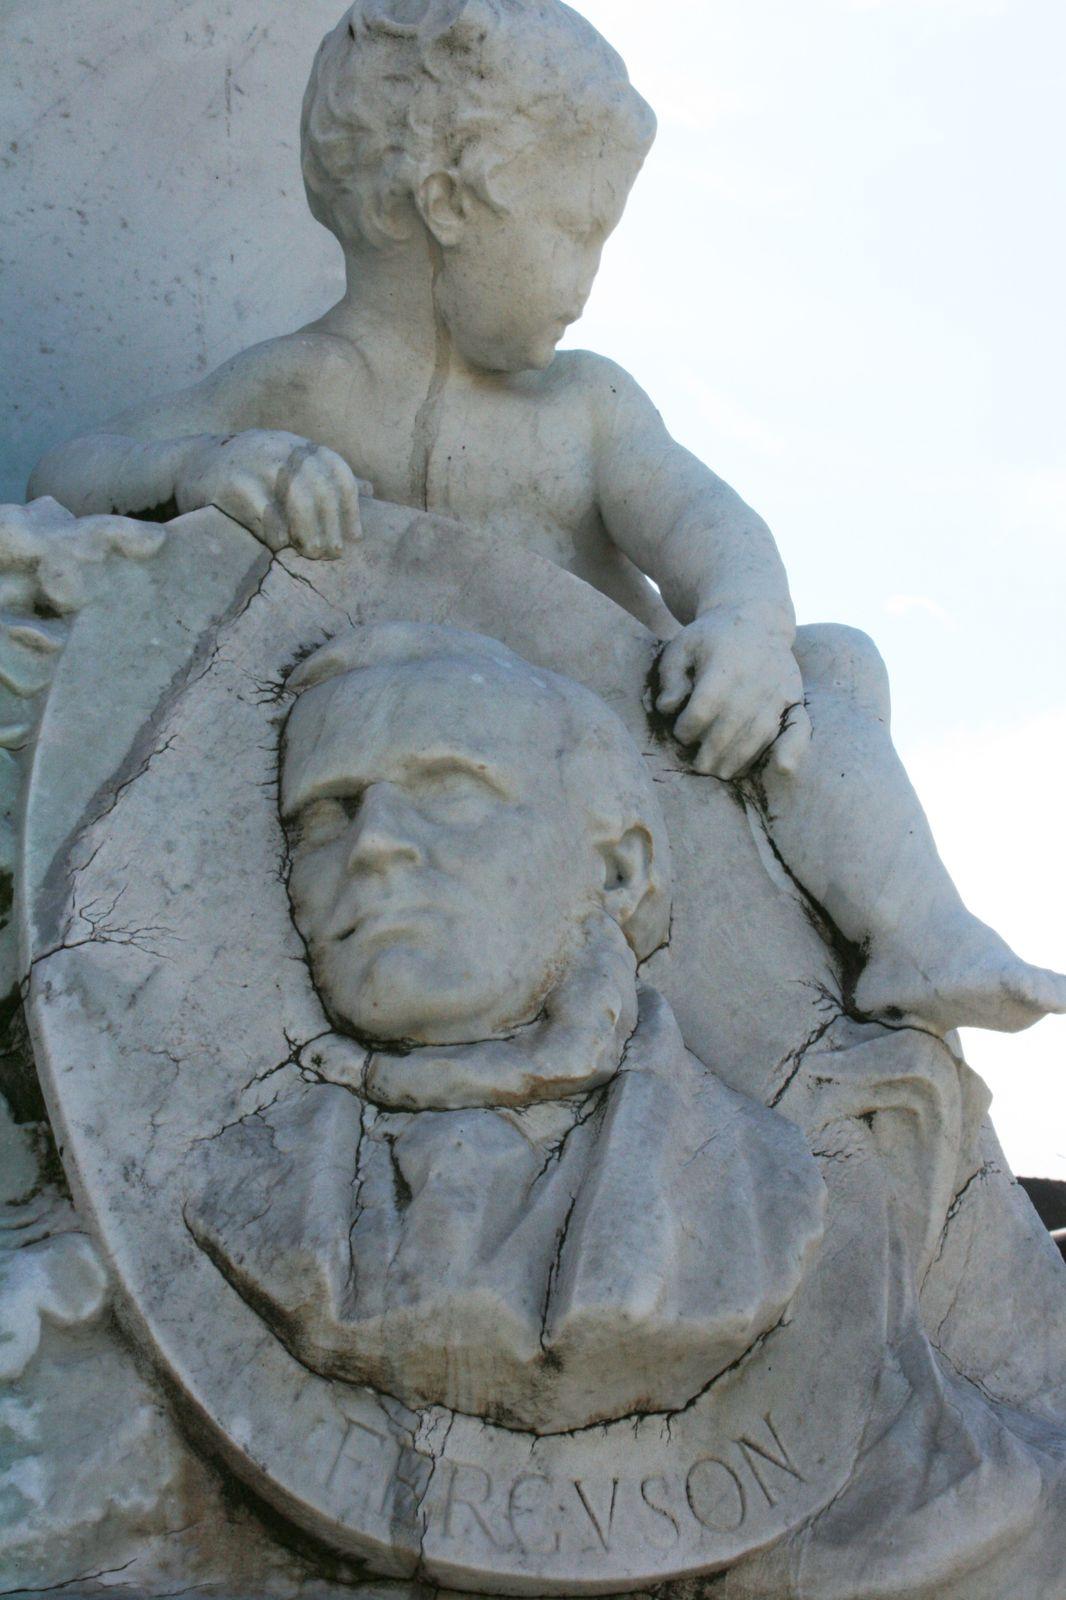 La statue de Jacquard de Calais